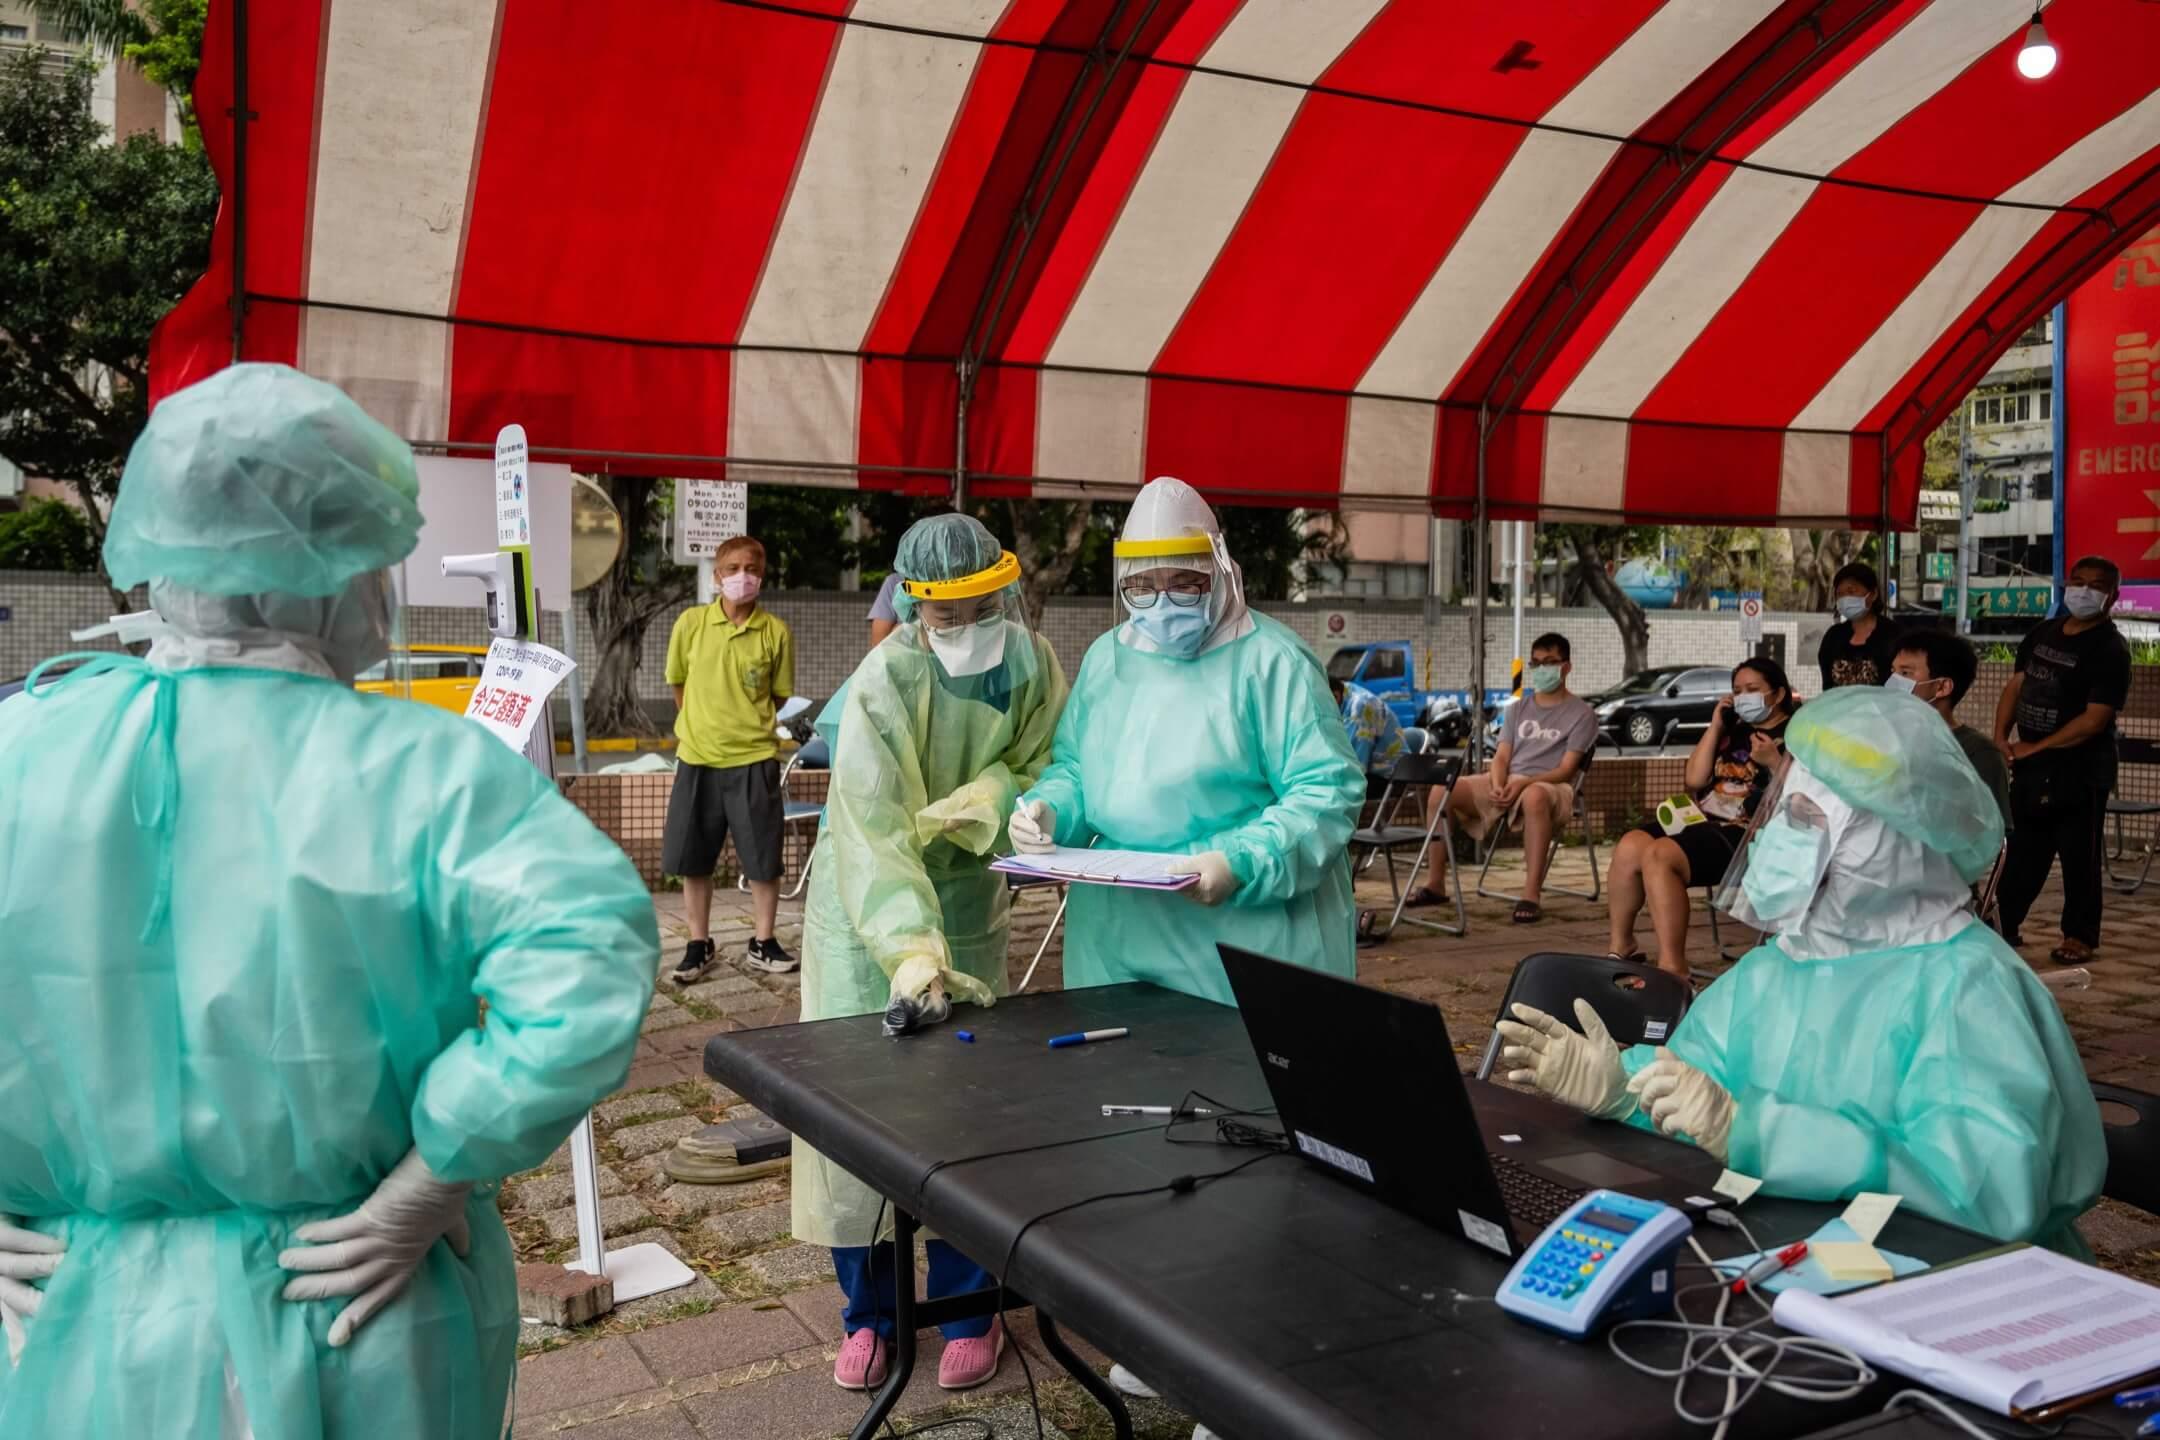 2021年5月17日,穿著保護衣的醫護人員在台北一所臨時新冠病毒快速測試中心工作。 攝:Billy H.C. Kwok/Bloomberg via Getty Images